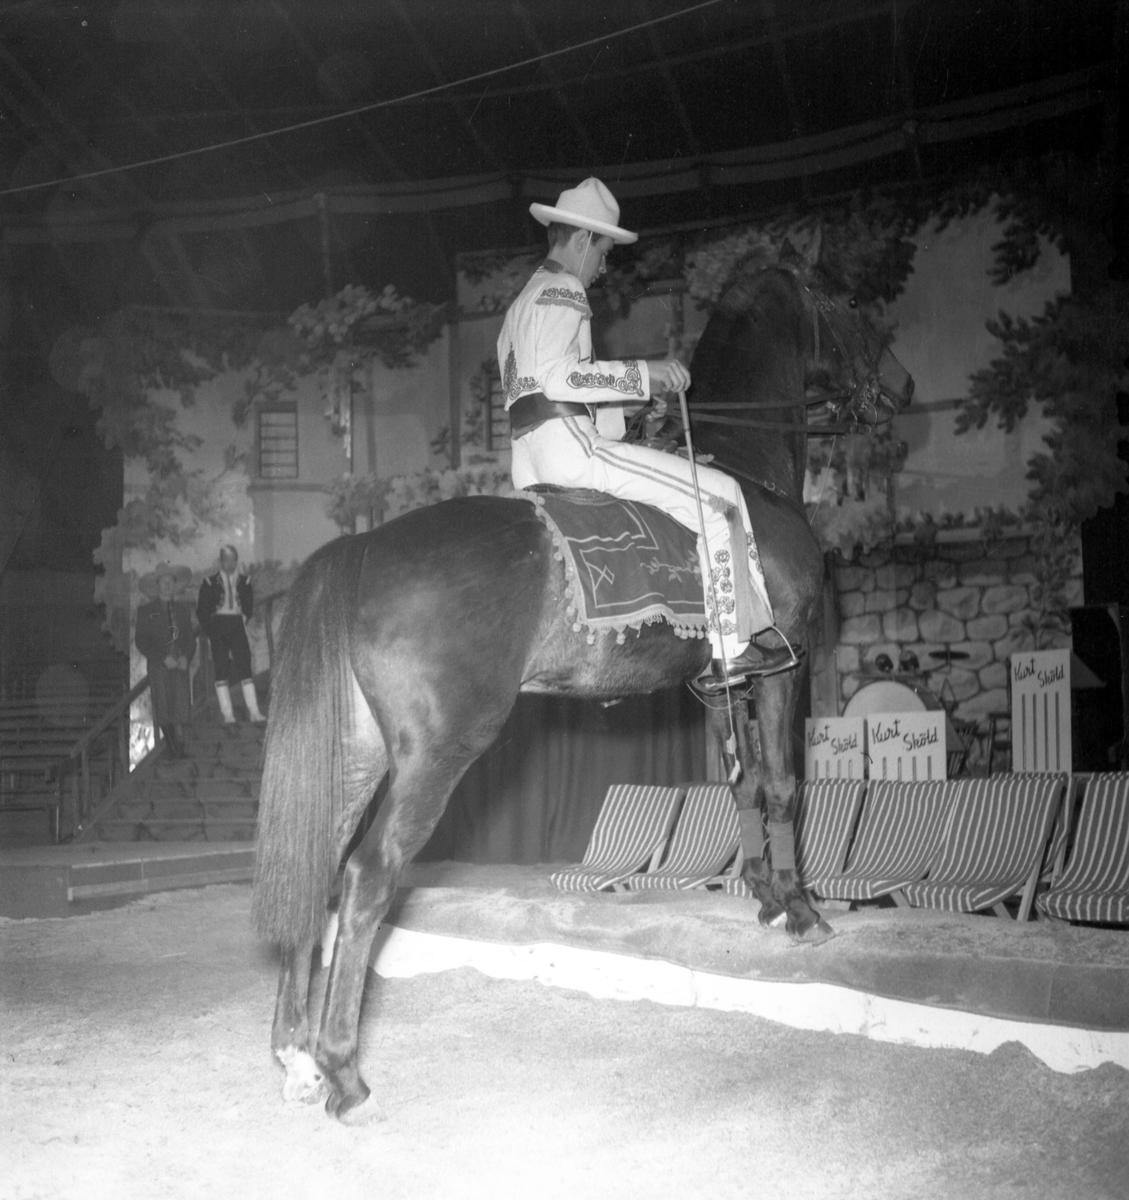 Furuviksparken invigdes 1936  1950 var ett år då Furuviksparken investerade kraftigt.  Cirkus Cowboy på häst